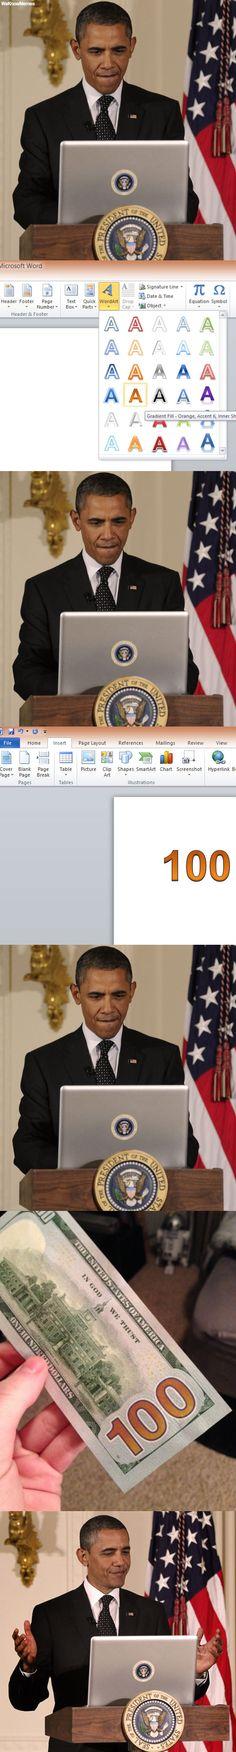 obama designing the new 100 dollar bill